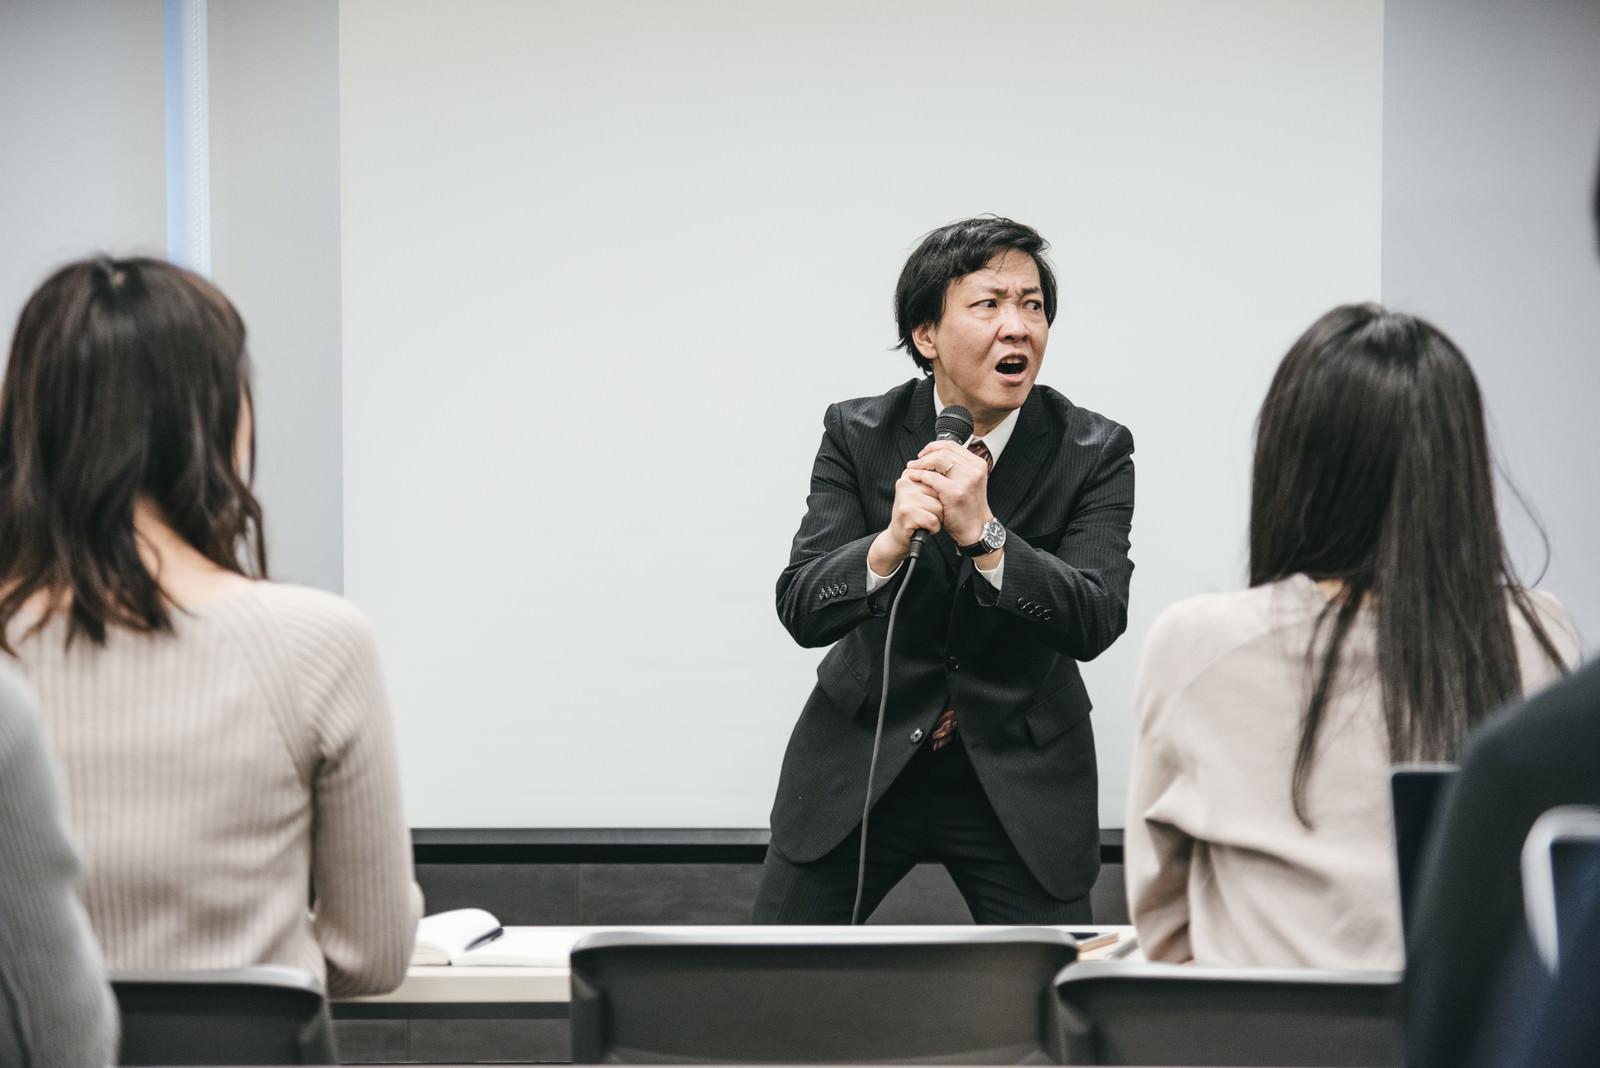 「カラオケを熱唱しはじめる塾講師」の写真